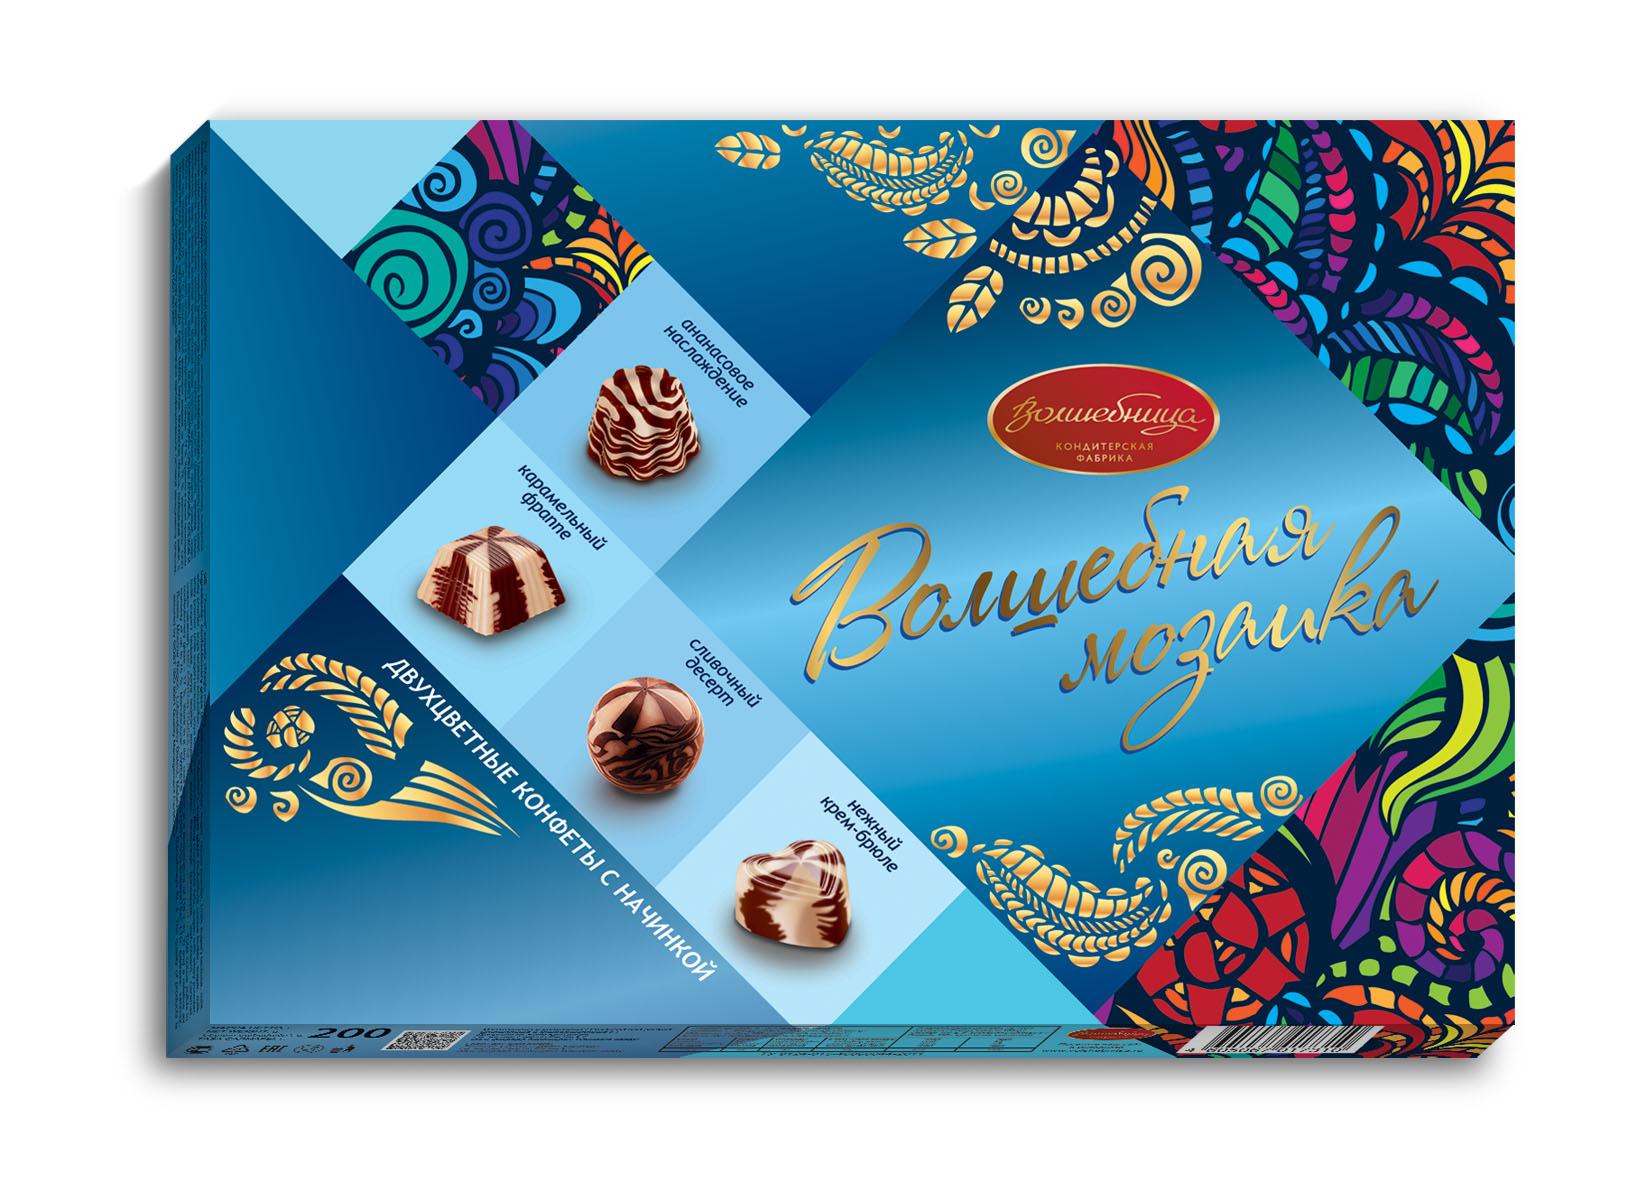 Волшебница Волшебная мозаика конфеты двухслойные с начинками, 200 г волшебница волшебная белочка шоколад 80 г